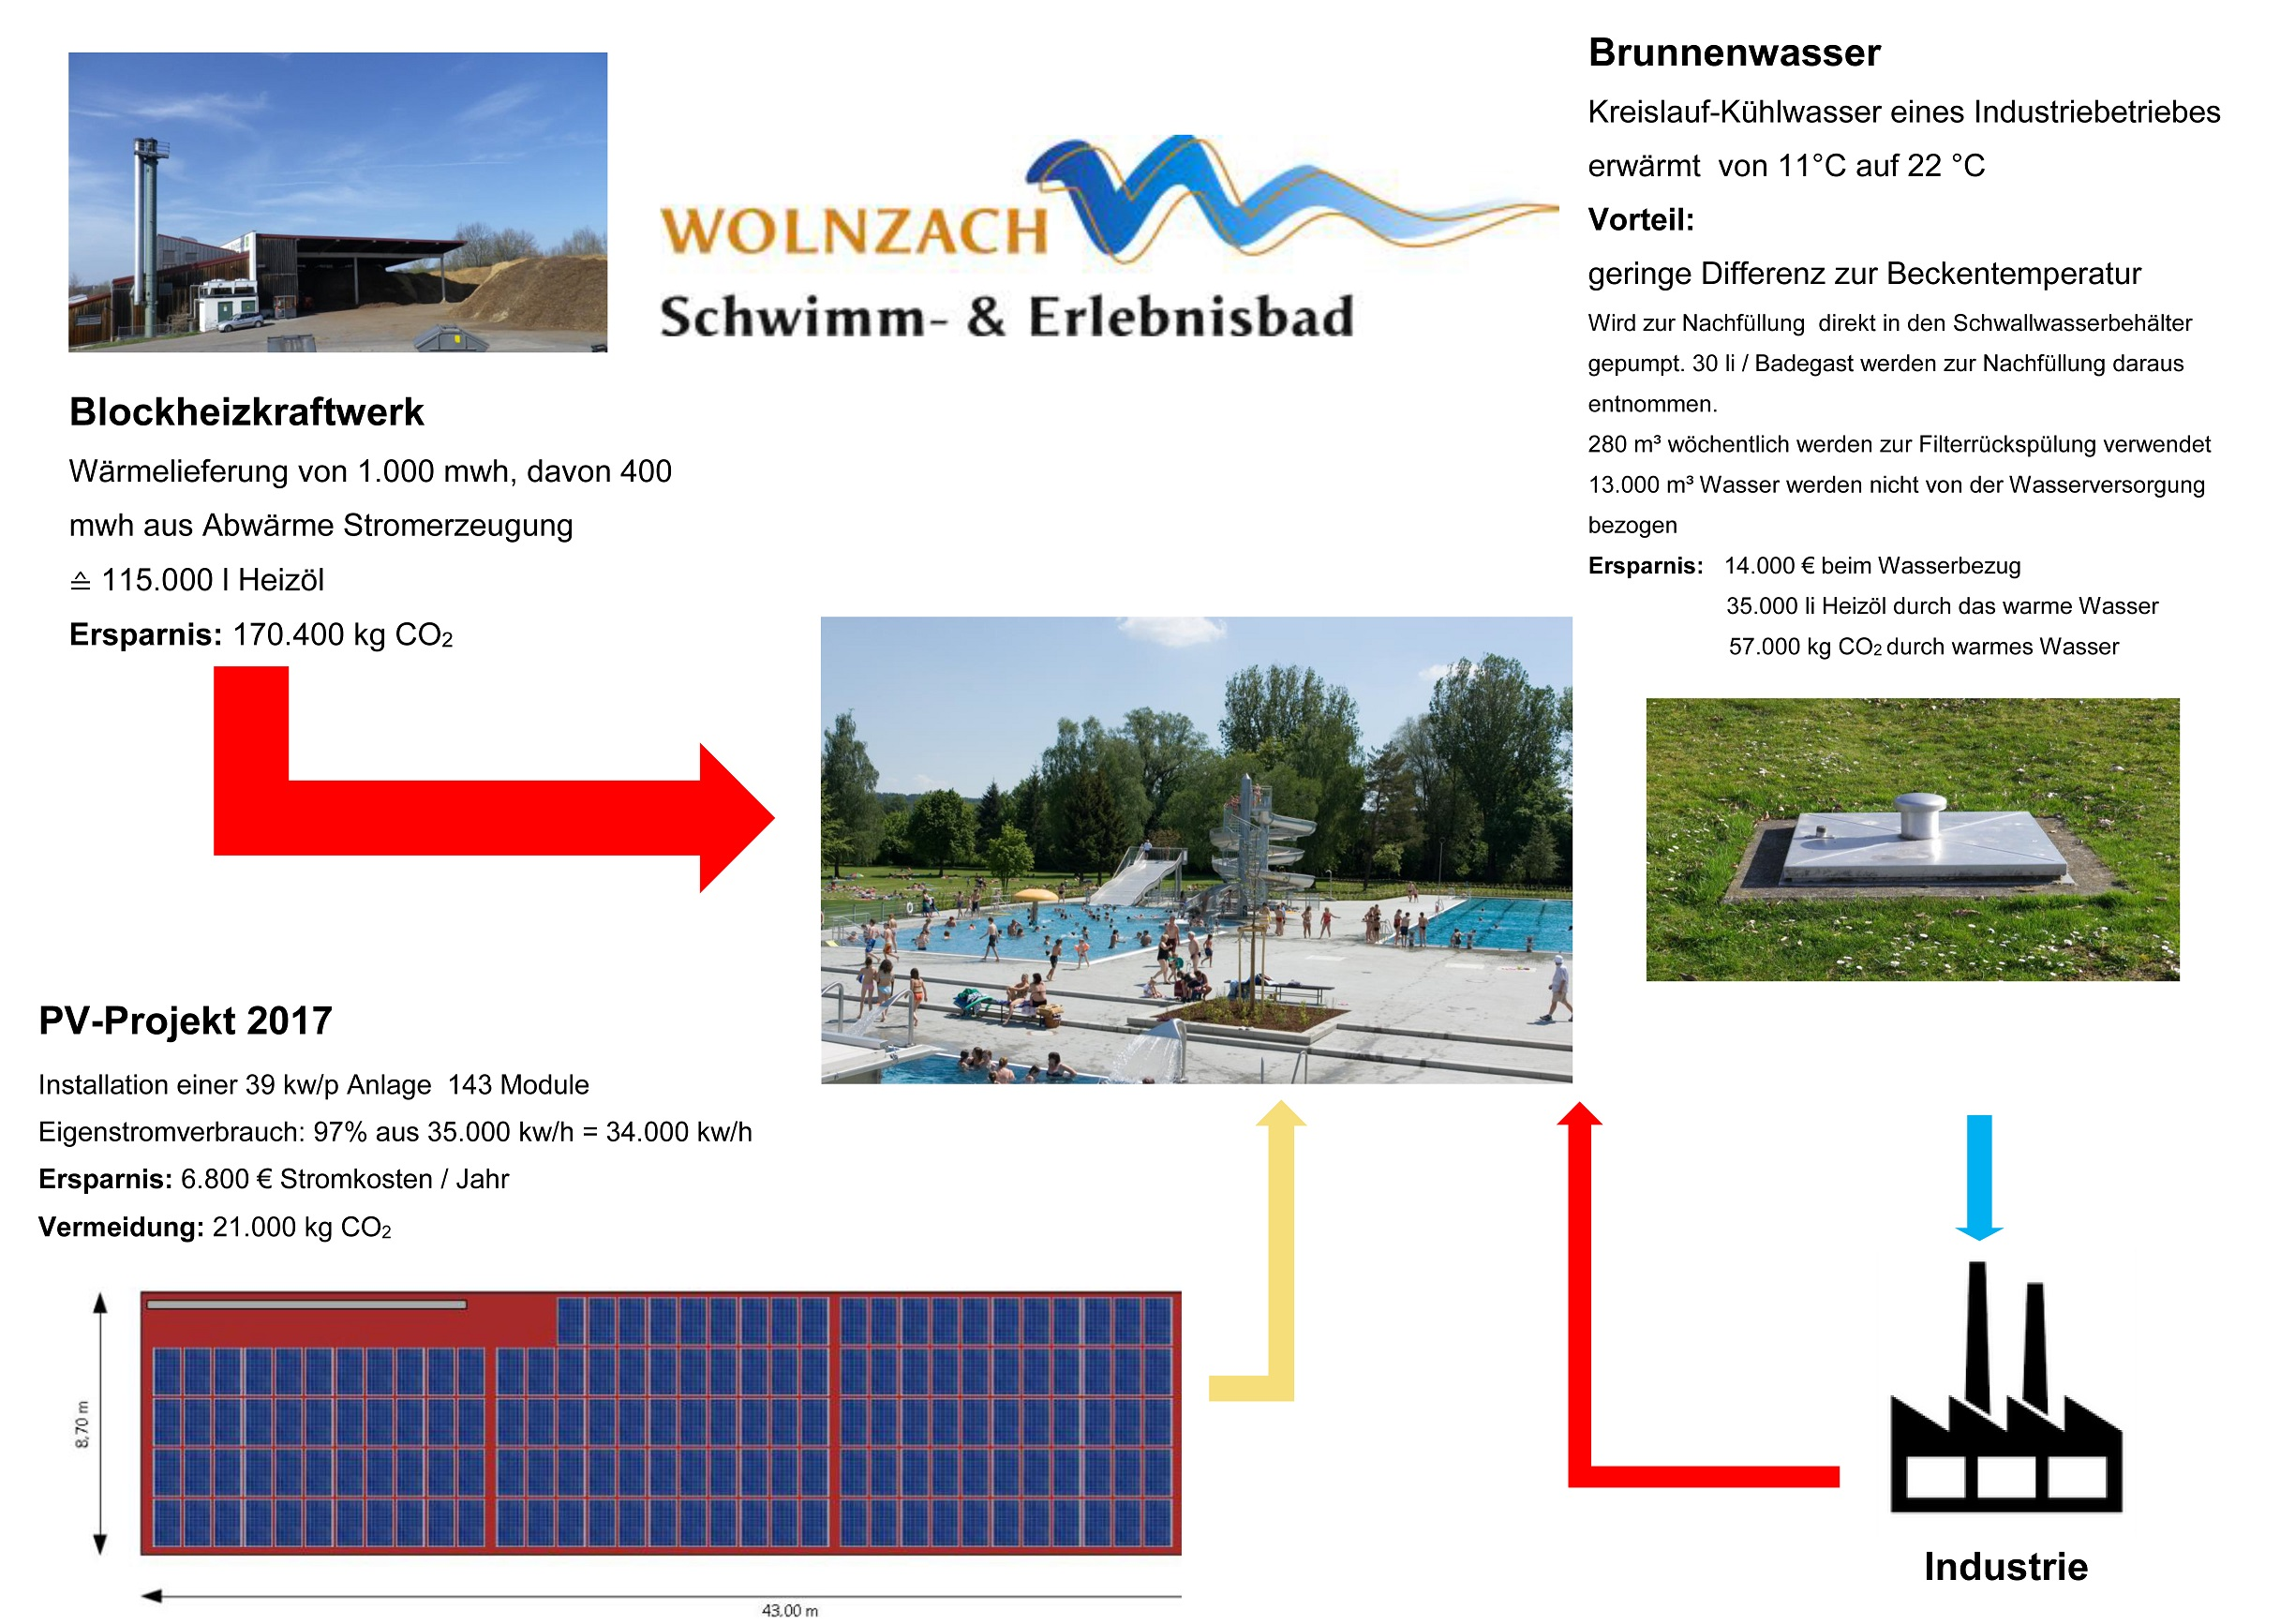 Grossansicht in neuem Fenster: Energiemanagement im Schwimm- und Erlebnisbad